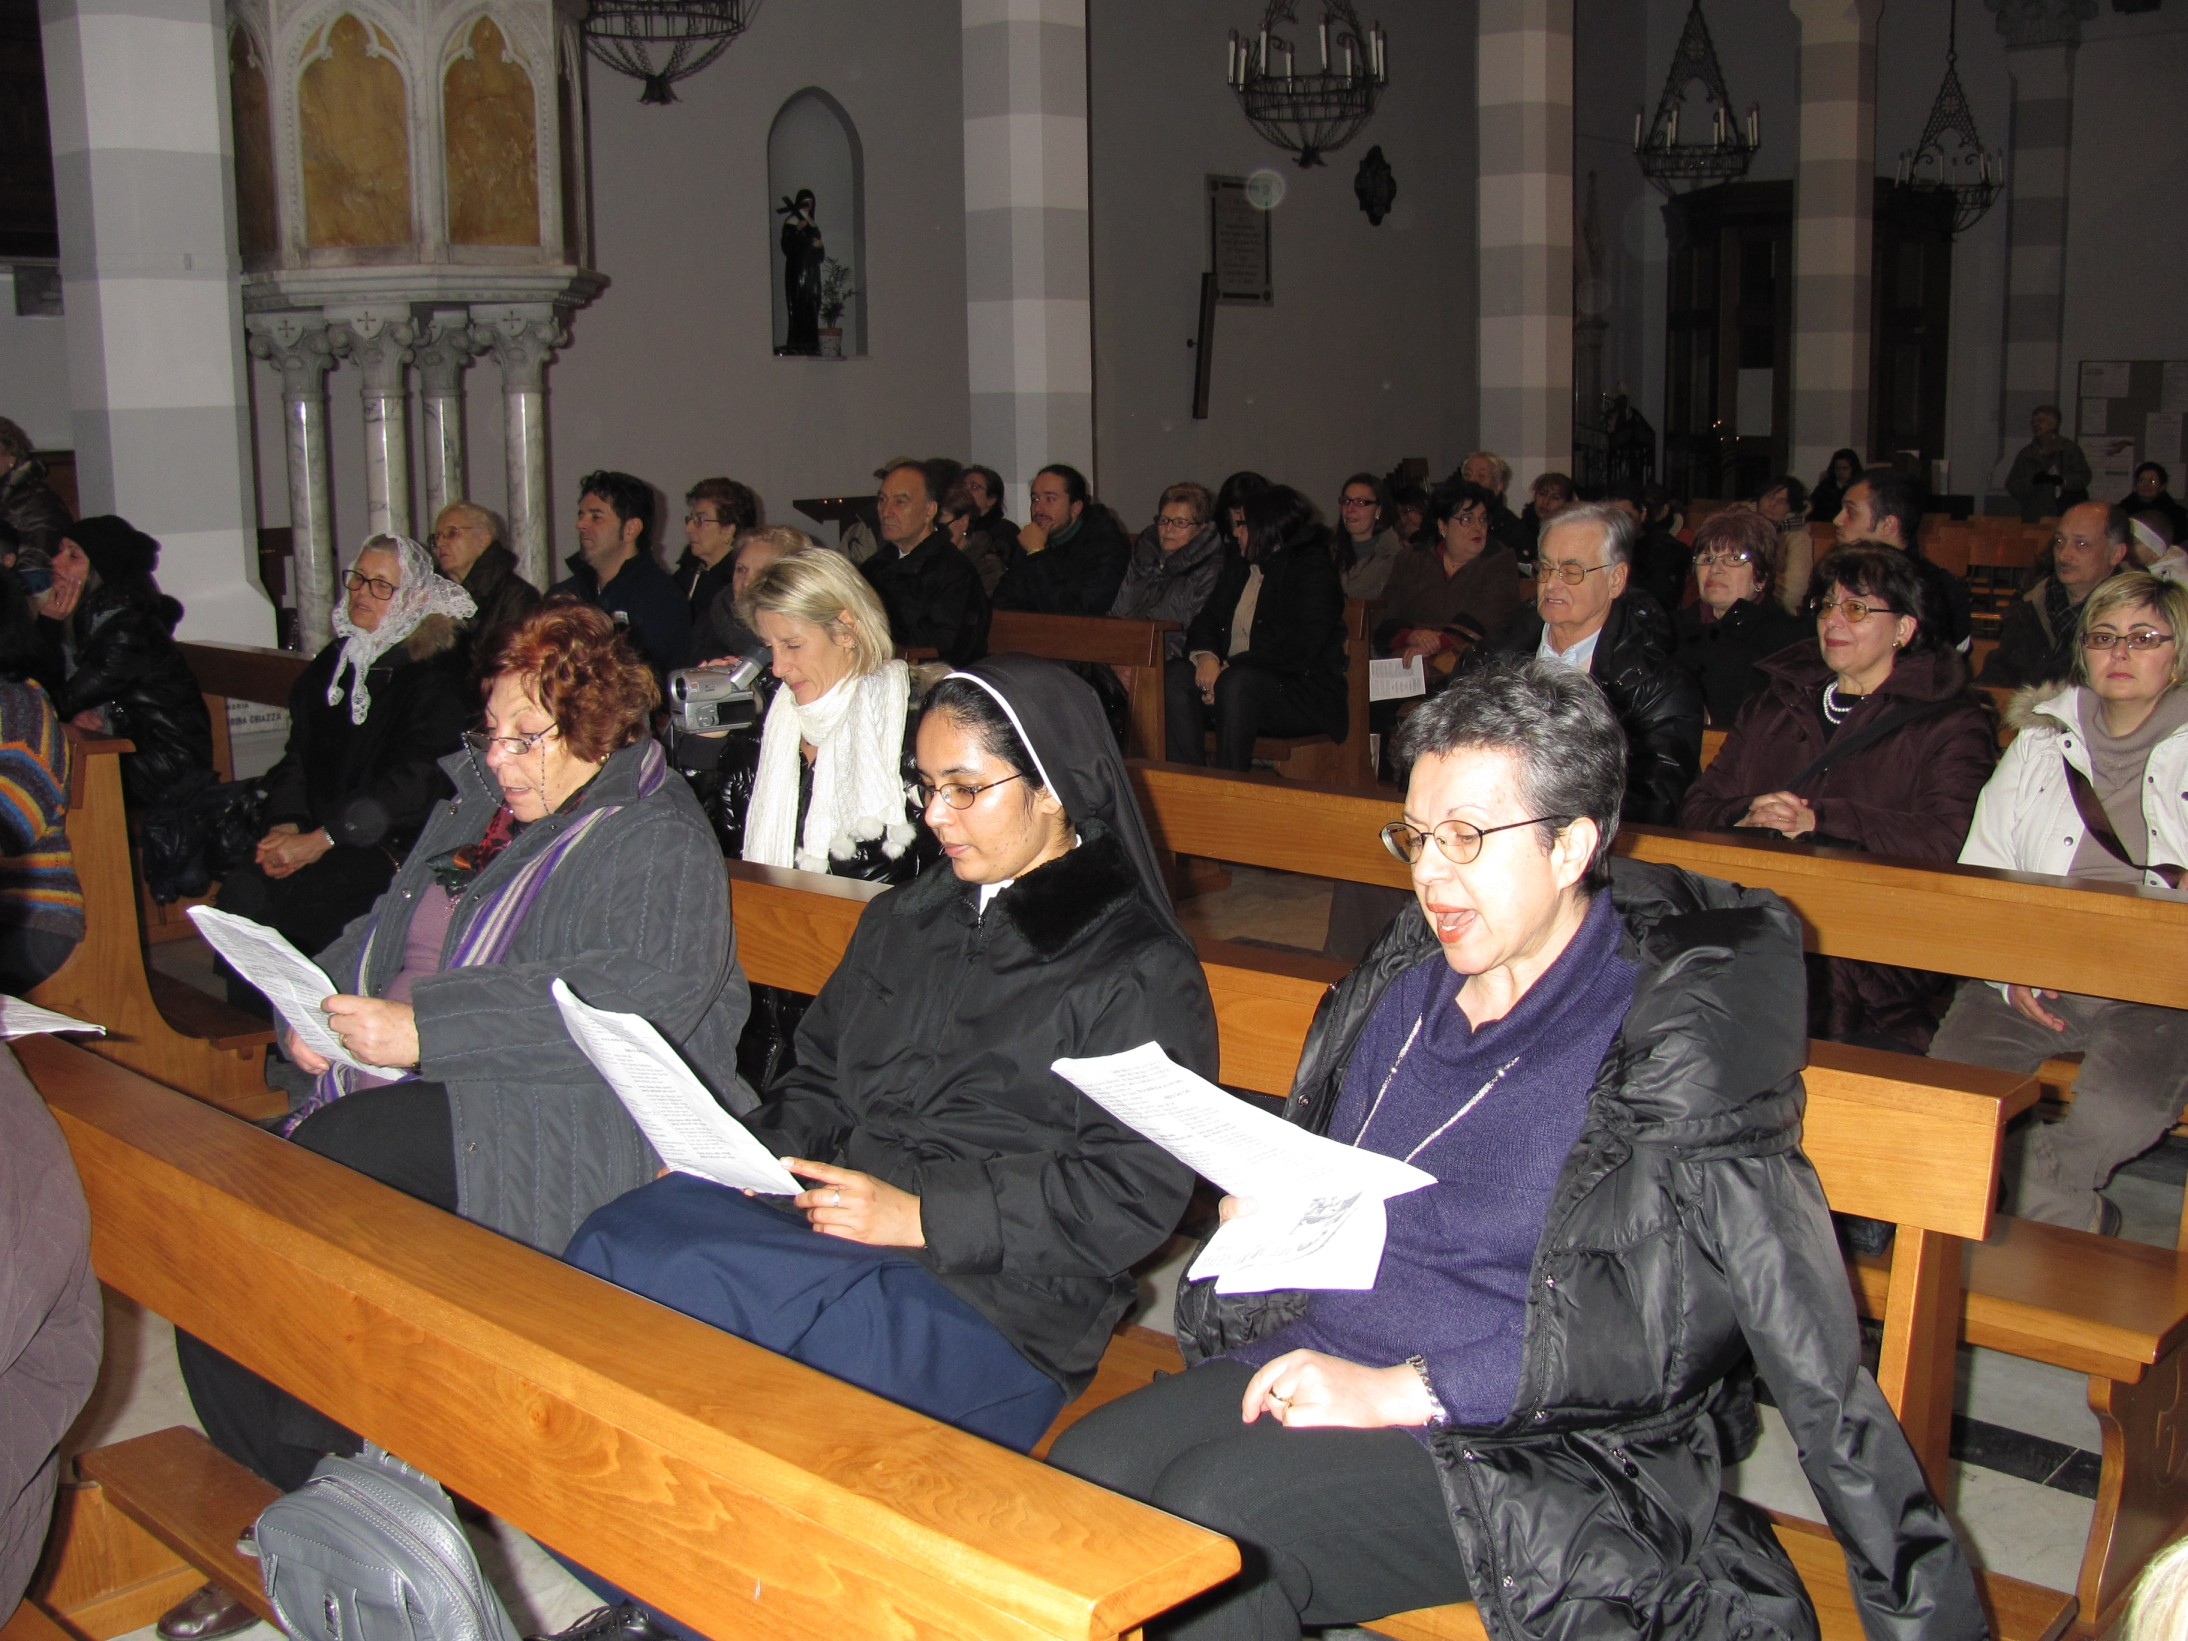 spettacolo_natale_2011-12-24-17-42-00